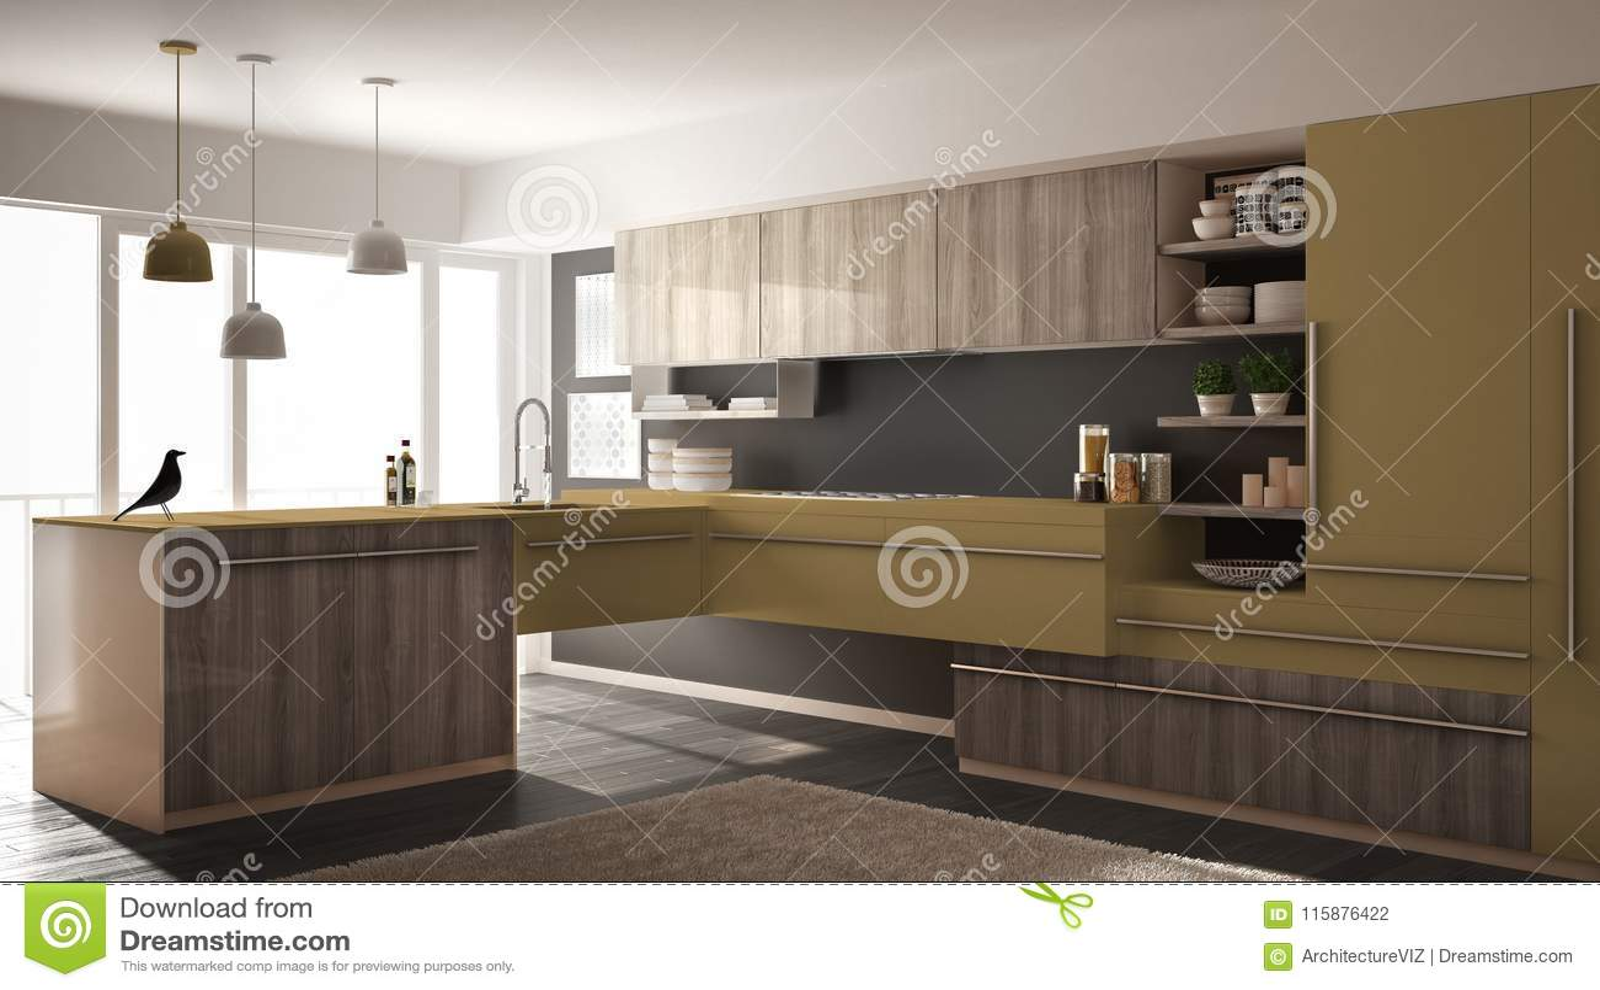 grey kitchen rugs wooden cabinets 有镶花地板 地毯和全景窗口 灰色和黄色建筑学室内设计的现代 灰色和黄色建筑学室内